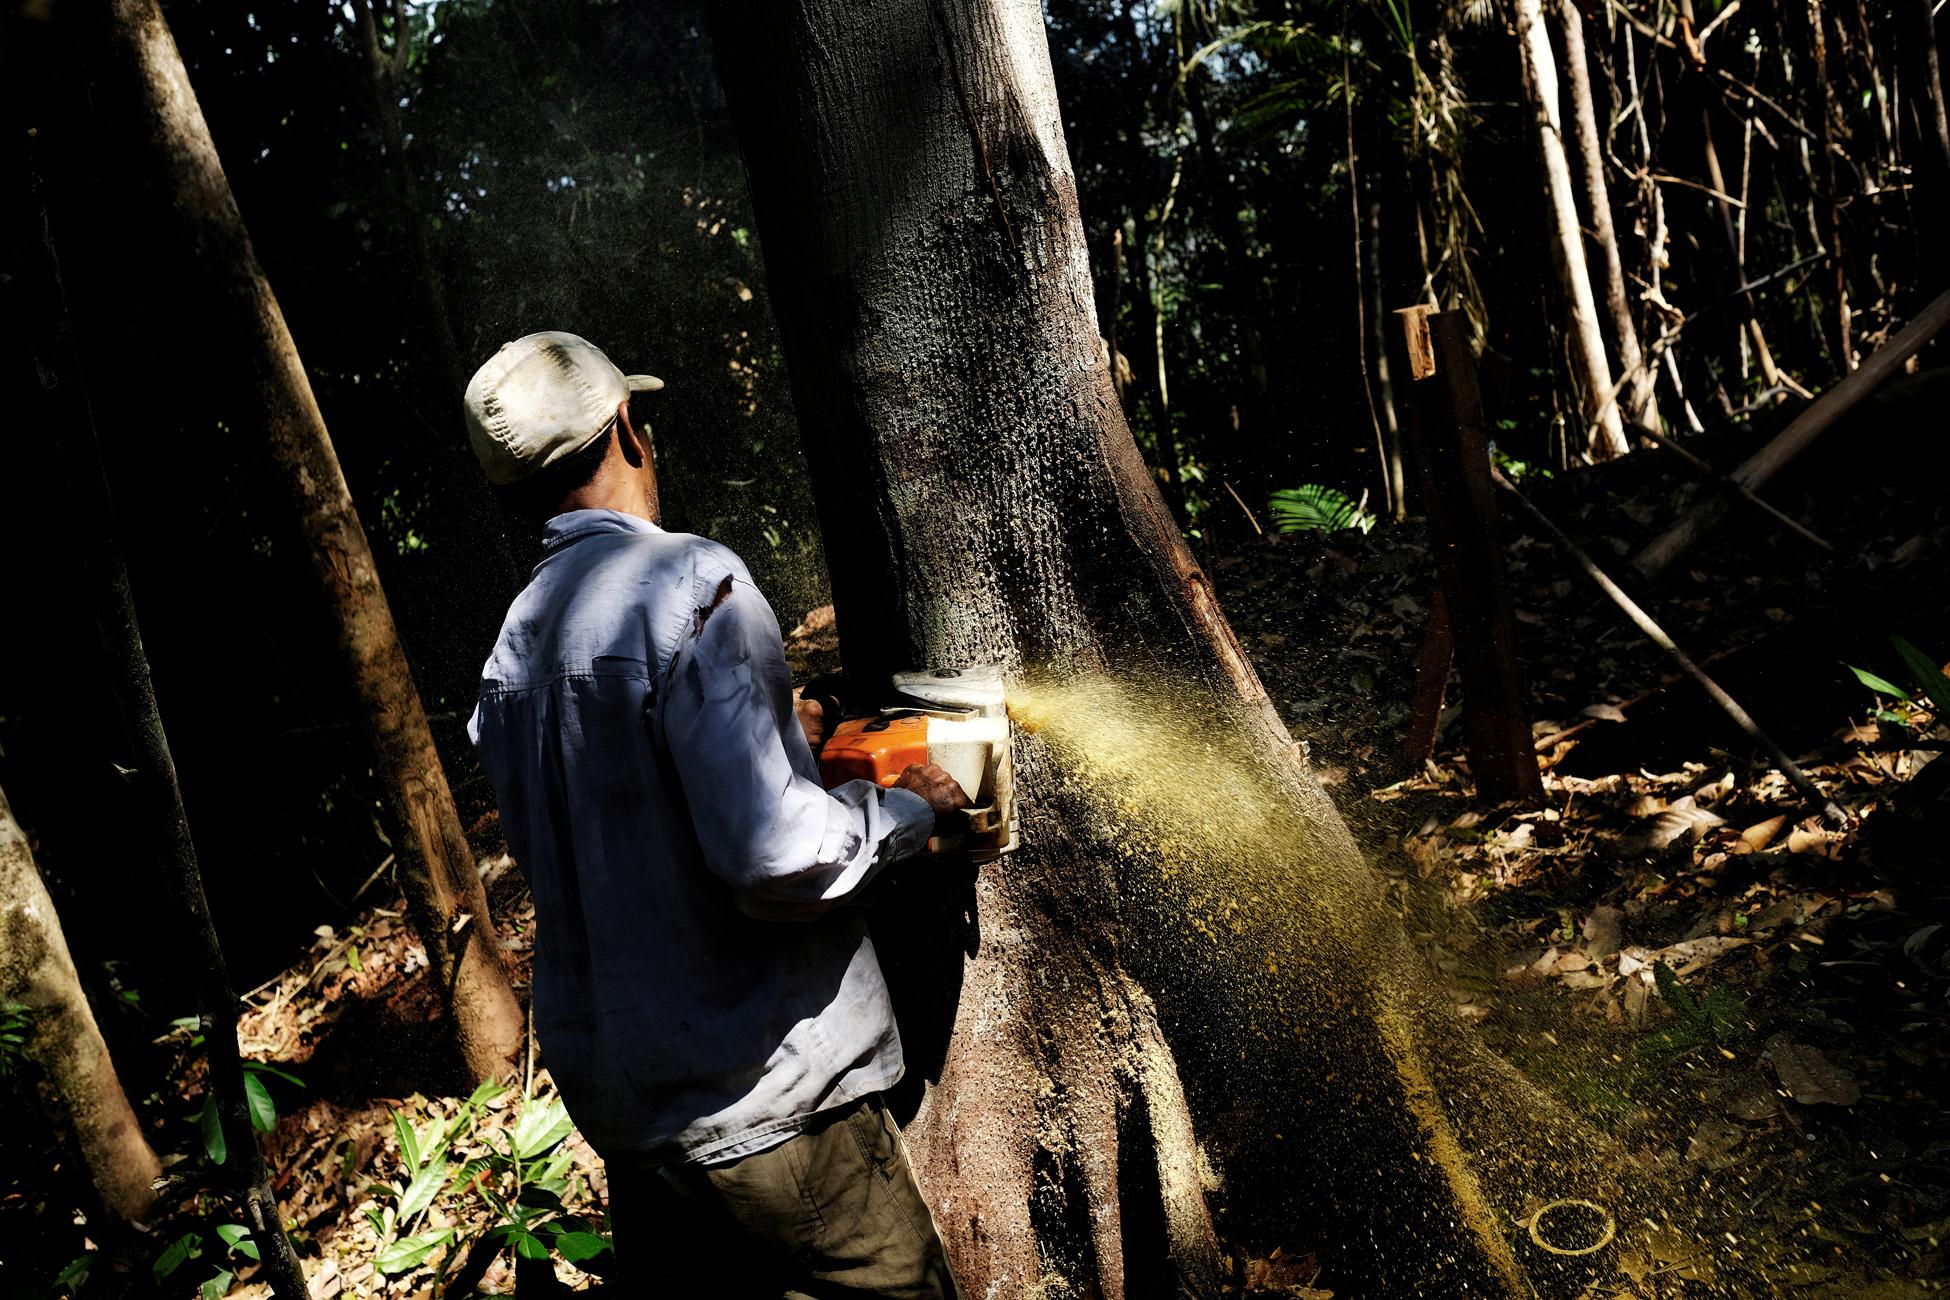 Σάλος στη Βραζιλία: Ο υπουργός Περιβάλλοντος είναι ύποπτος για λαθρεμπόριο ξυλείας